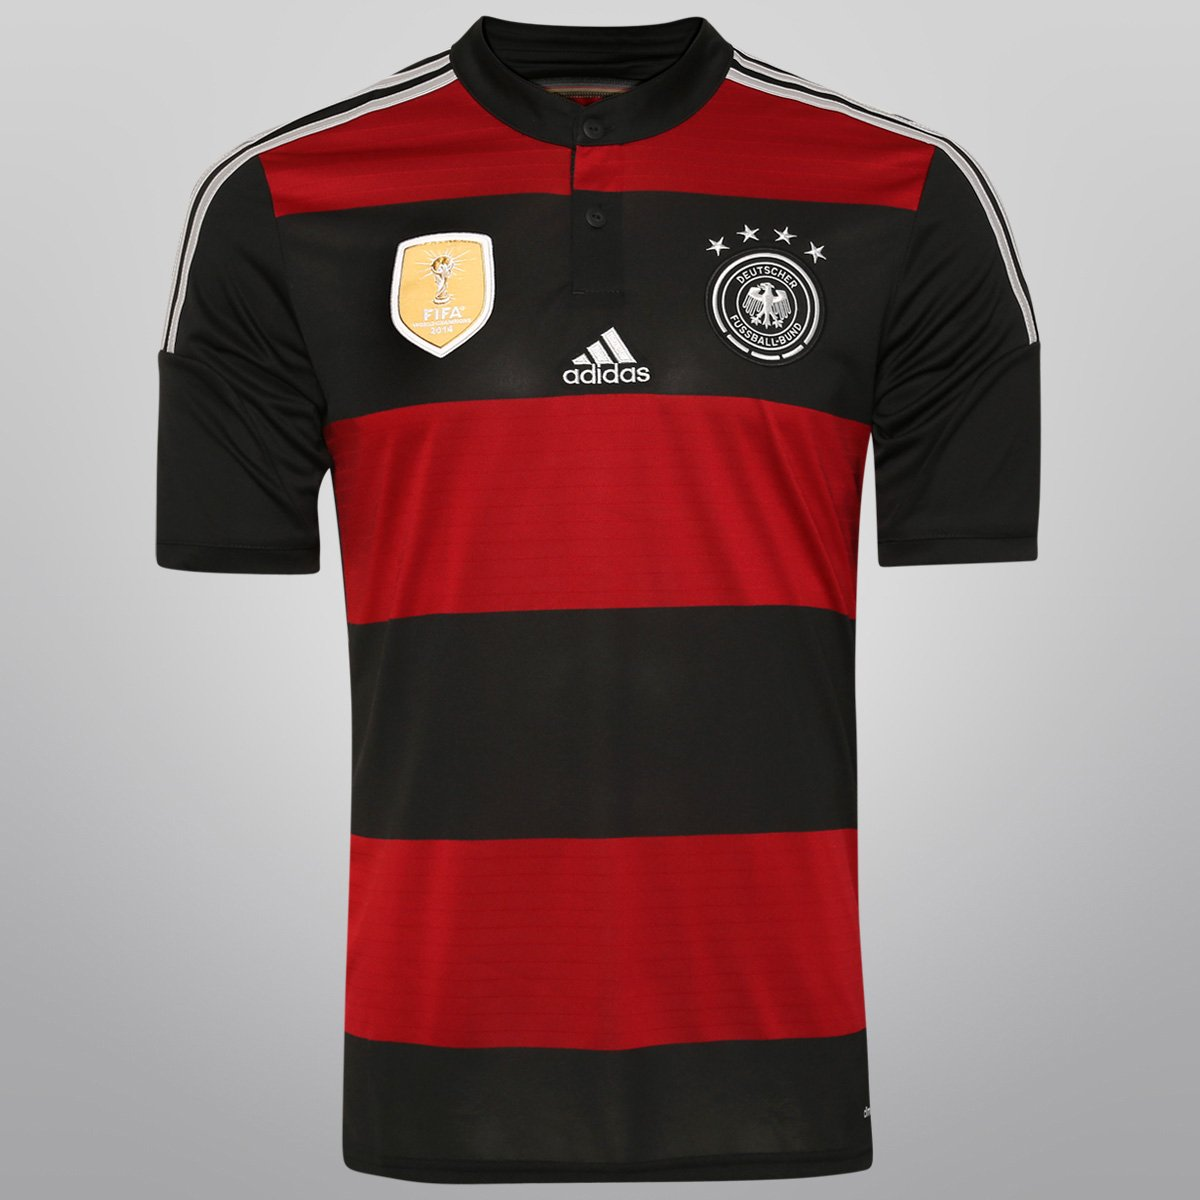 Camisa Adidas Seleção Alemanha Away 14 15 s n° - Tetracampeã Mundial -  Compre Agora  d289b770c4335